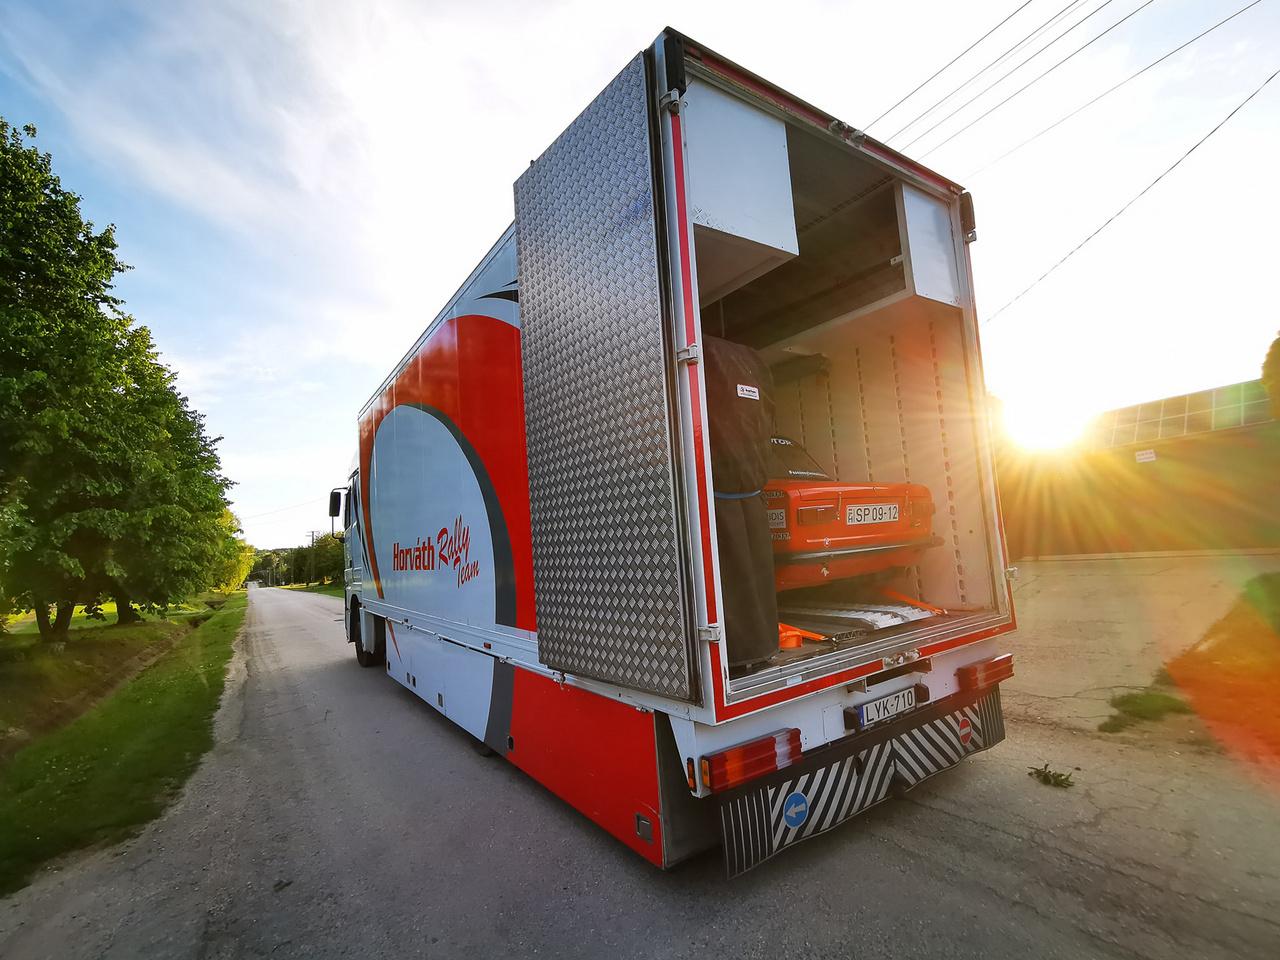 Ritkán láthatunk Ladát egy ilyen kamionban, de meg kell hagyni, ritka szép látvány is. A Horváth Rally Team megadta a módját! Méltó környezet az egyes rajtszámot viselő versenyautónak.